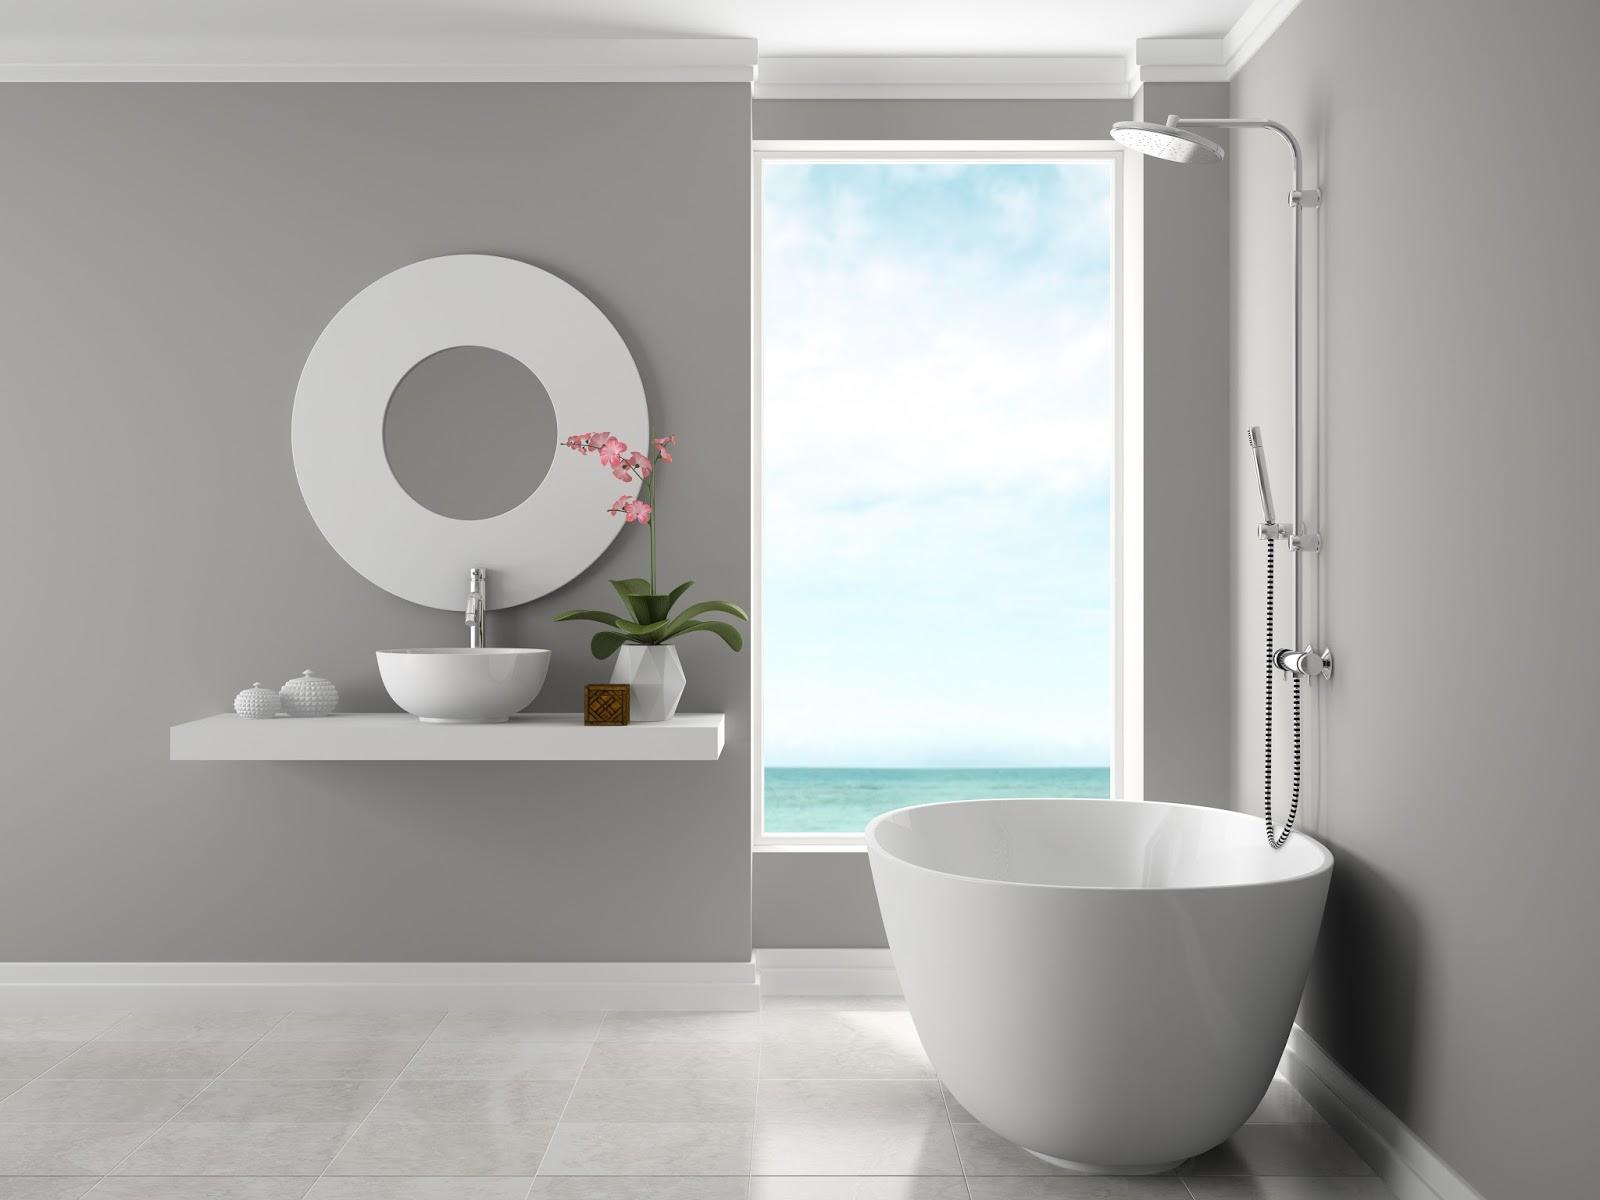 Consigli d arredo mobili bagno per una casa al mare perfetta